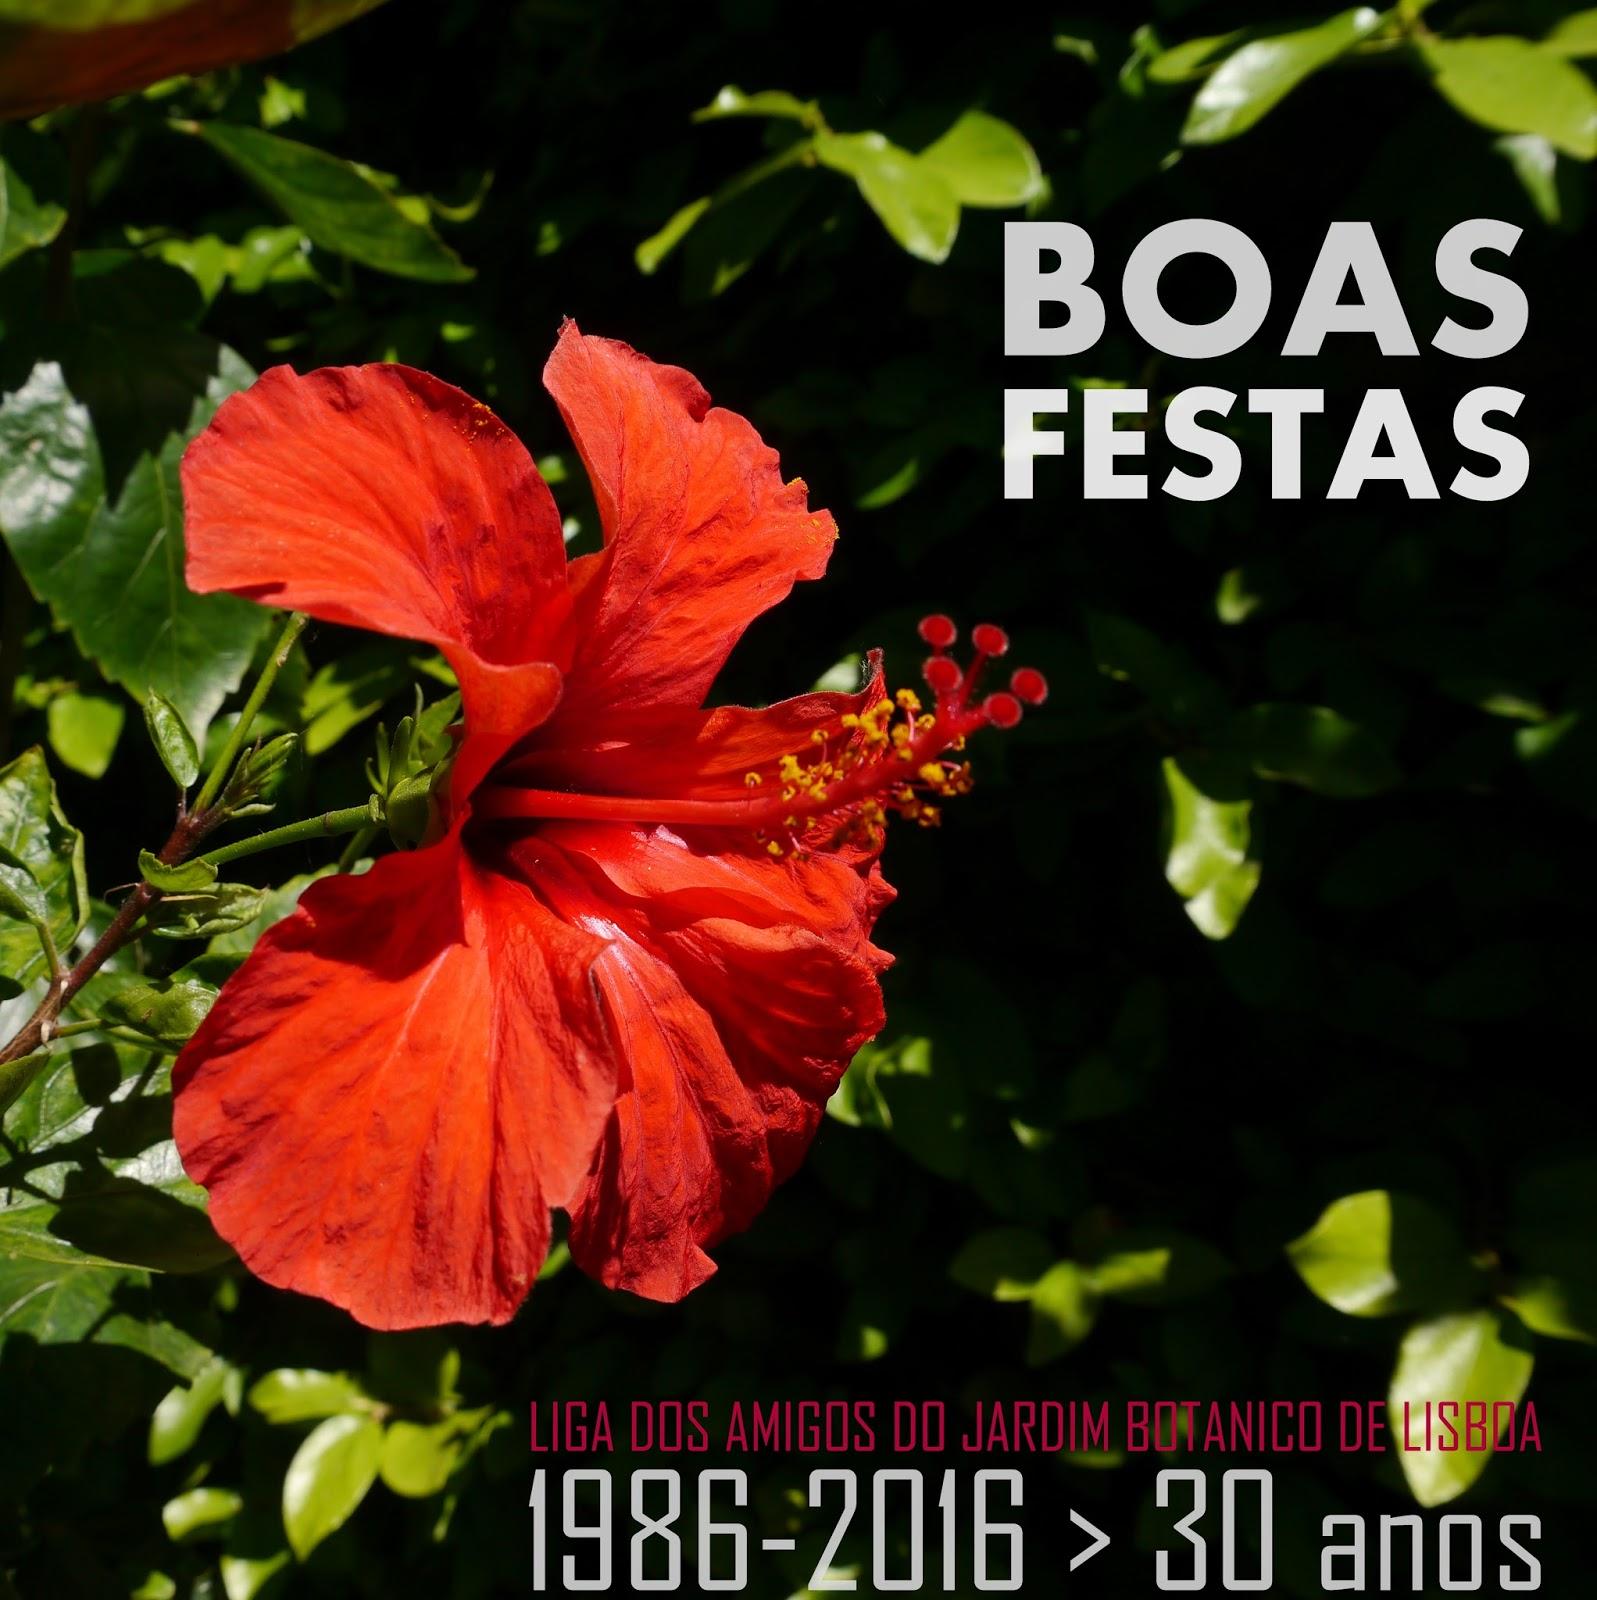 festa do outono jardim botânico:Amigos do Botânico: BOAS FESTAS dos Amigos do Jardim Botânico